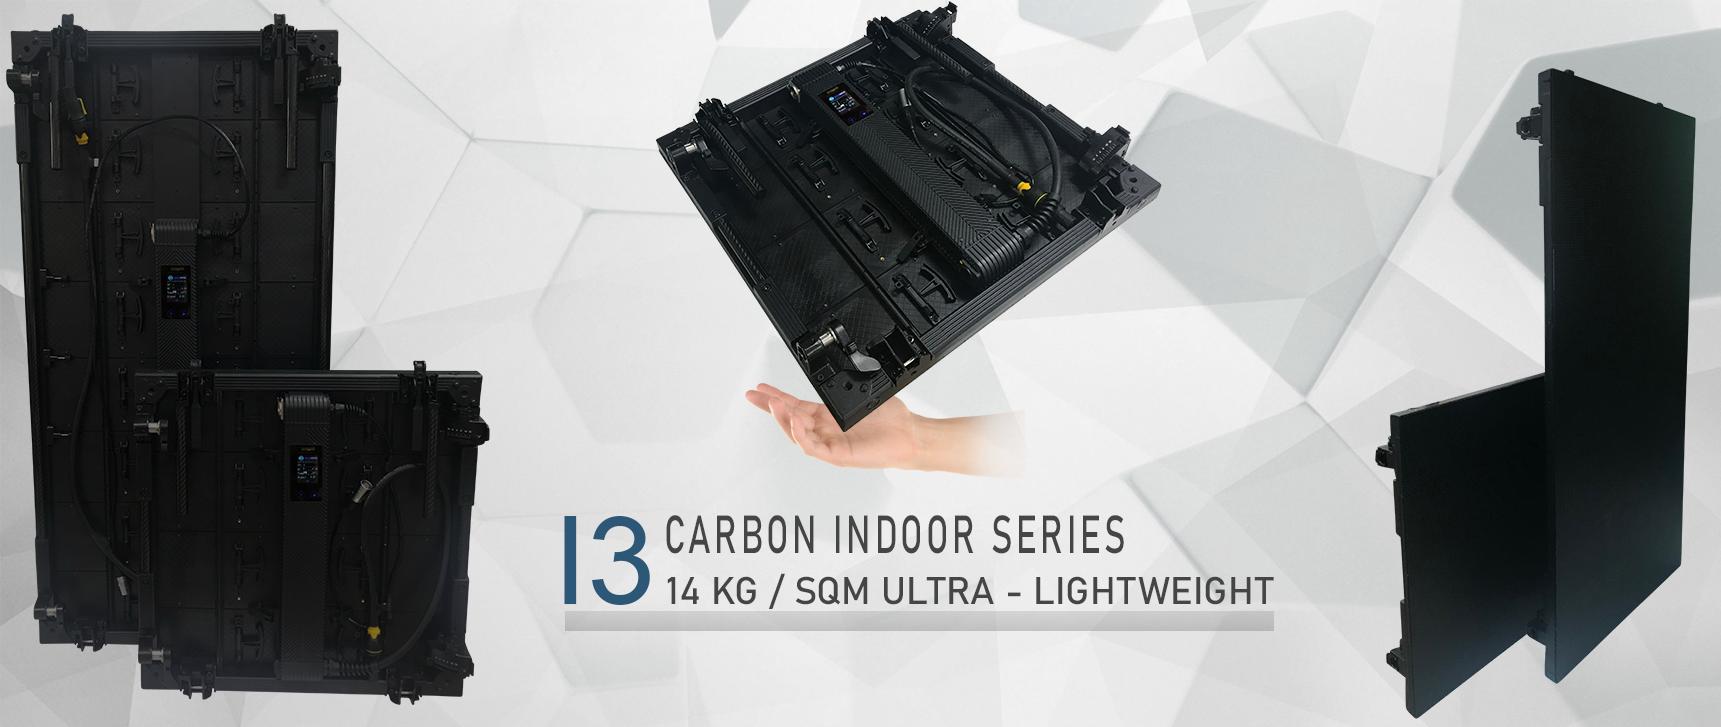 I3 Carbon Indoor